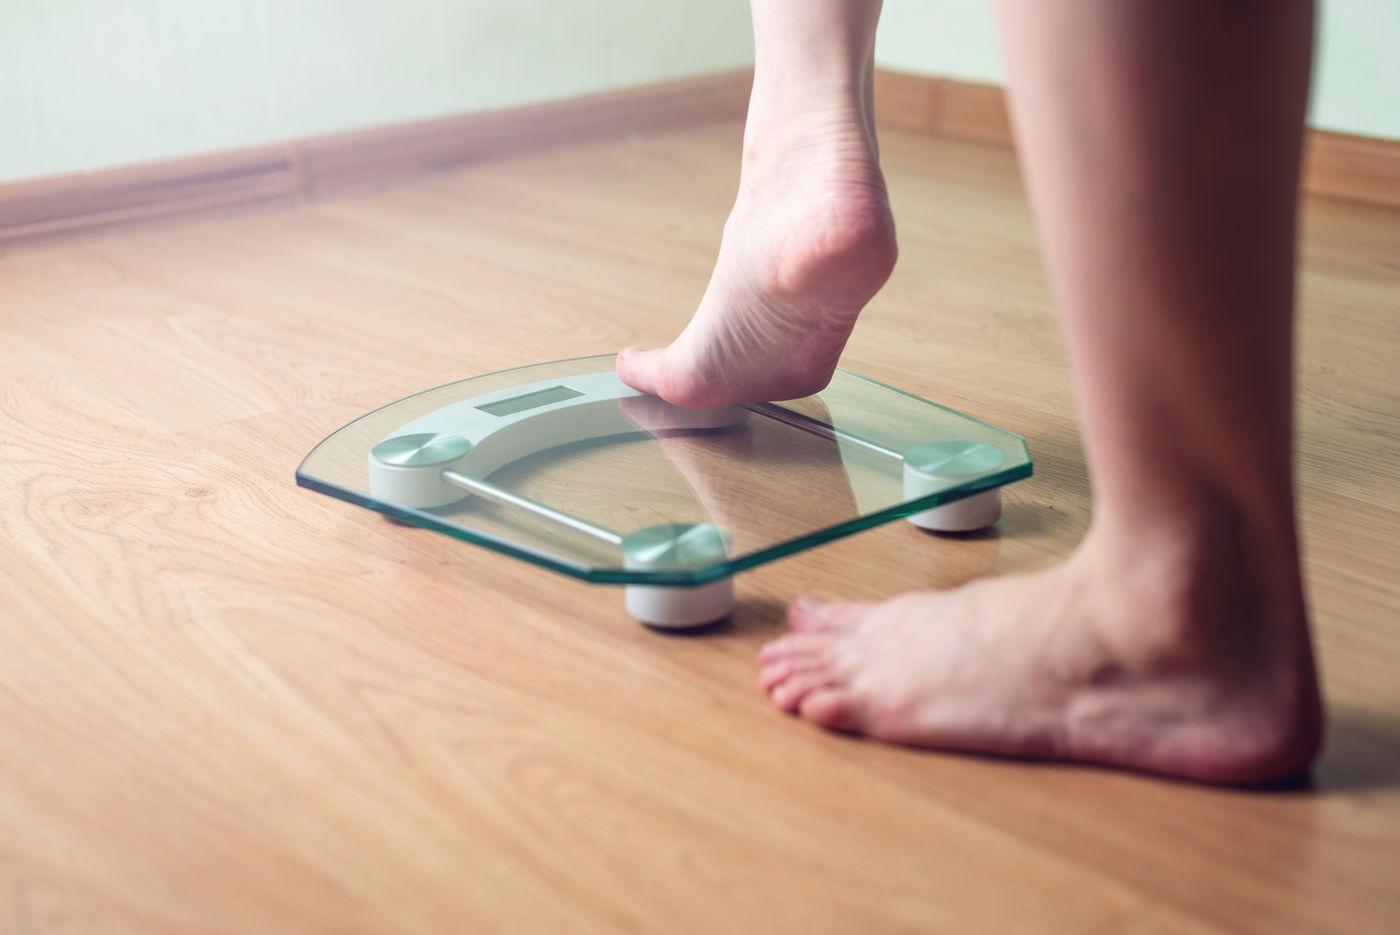 pierdere în greutate traseu pașnic creasta